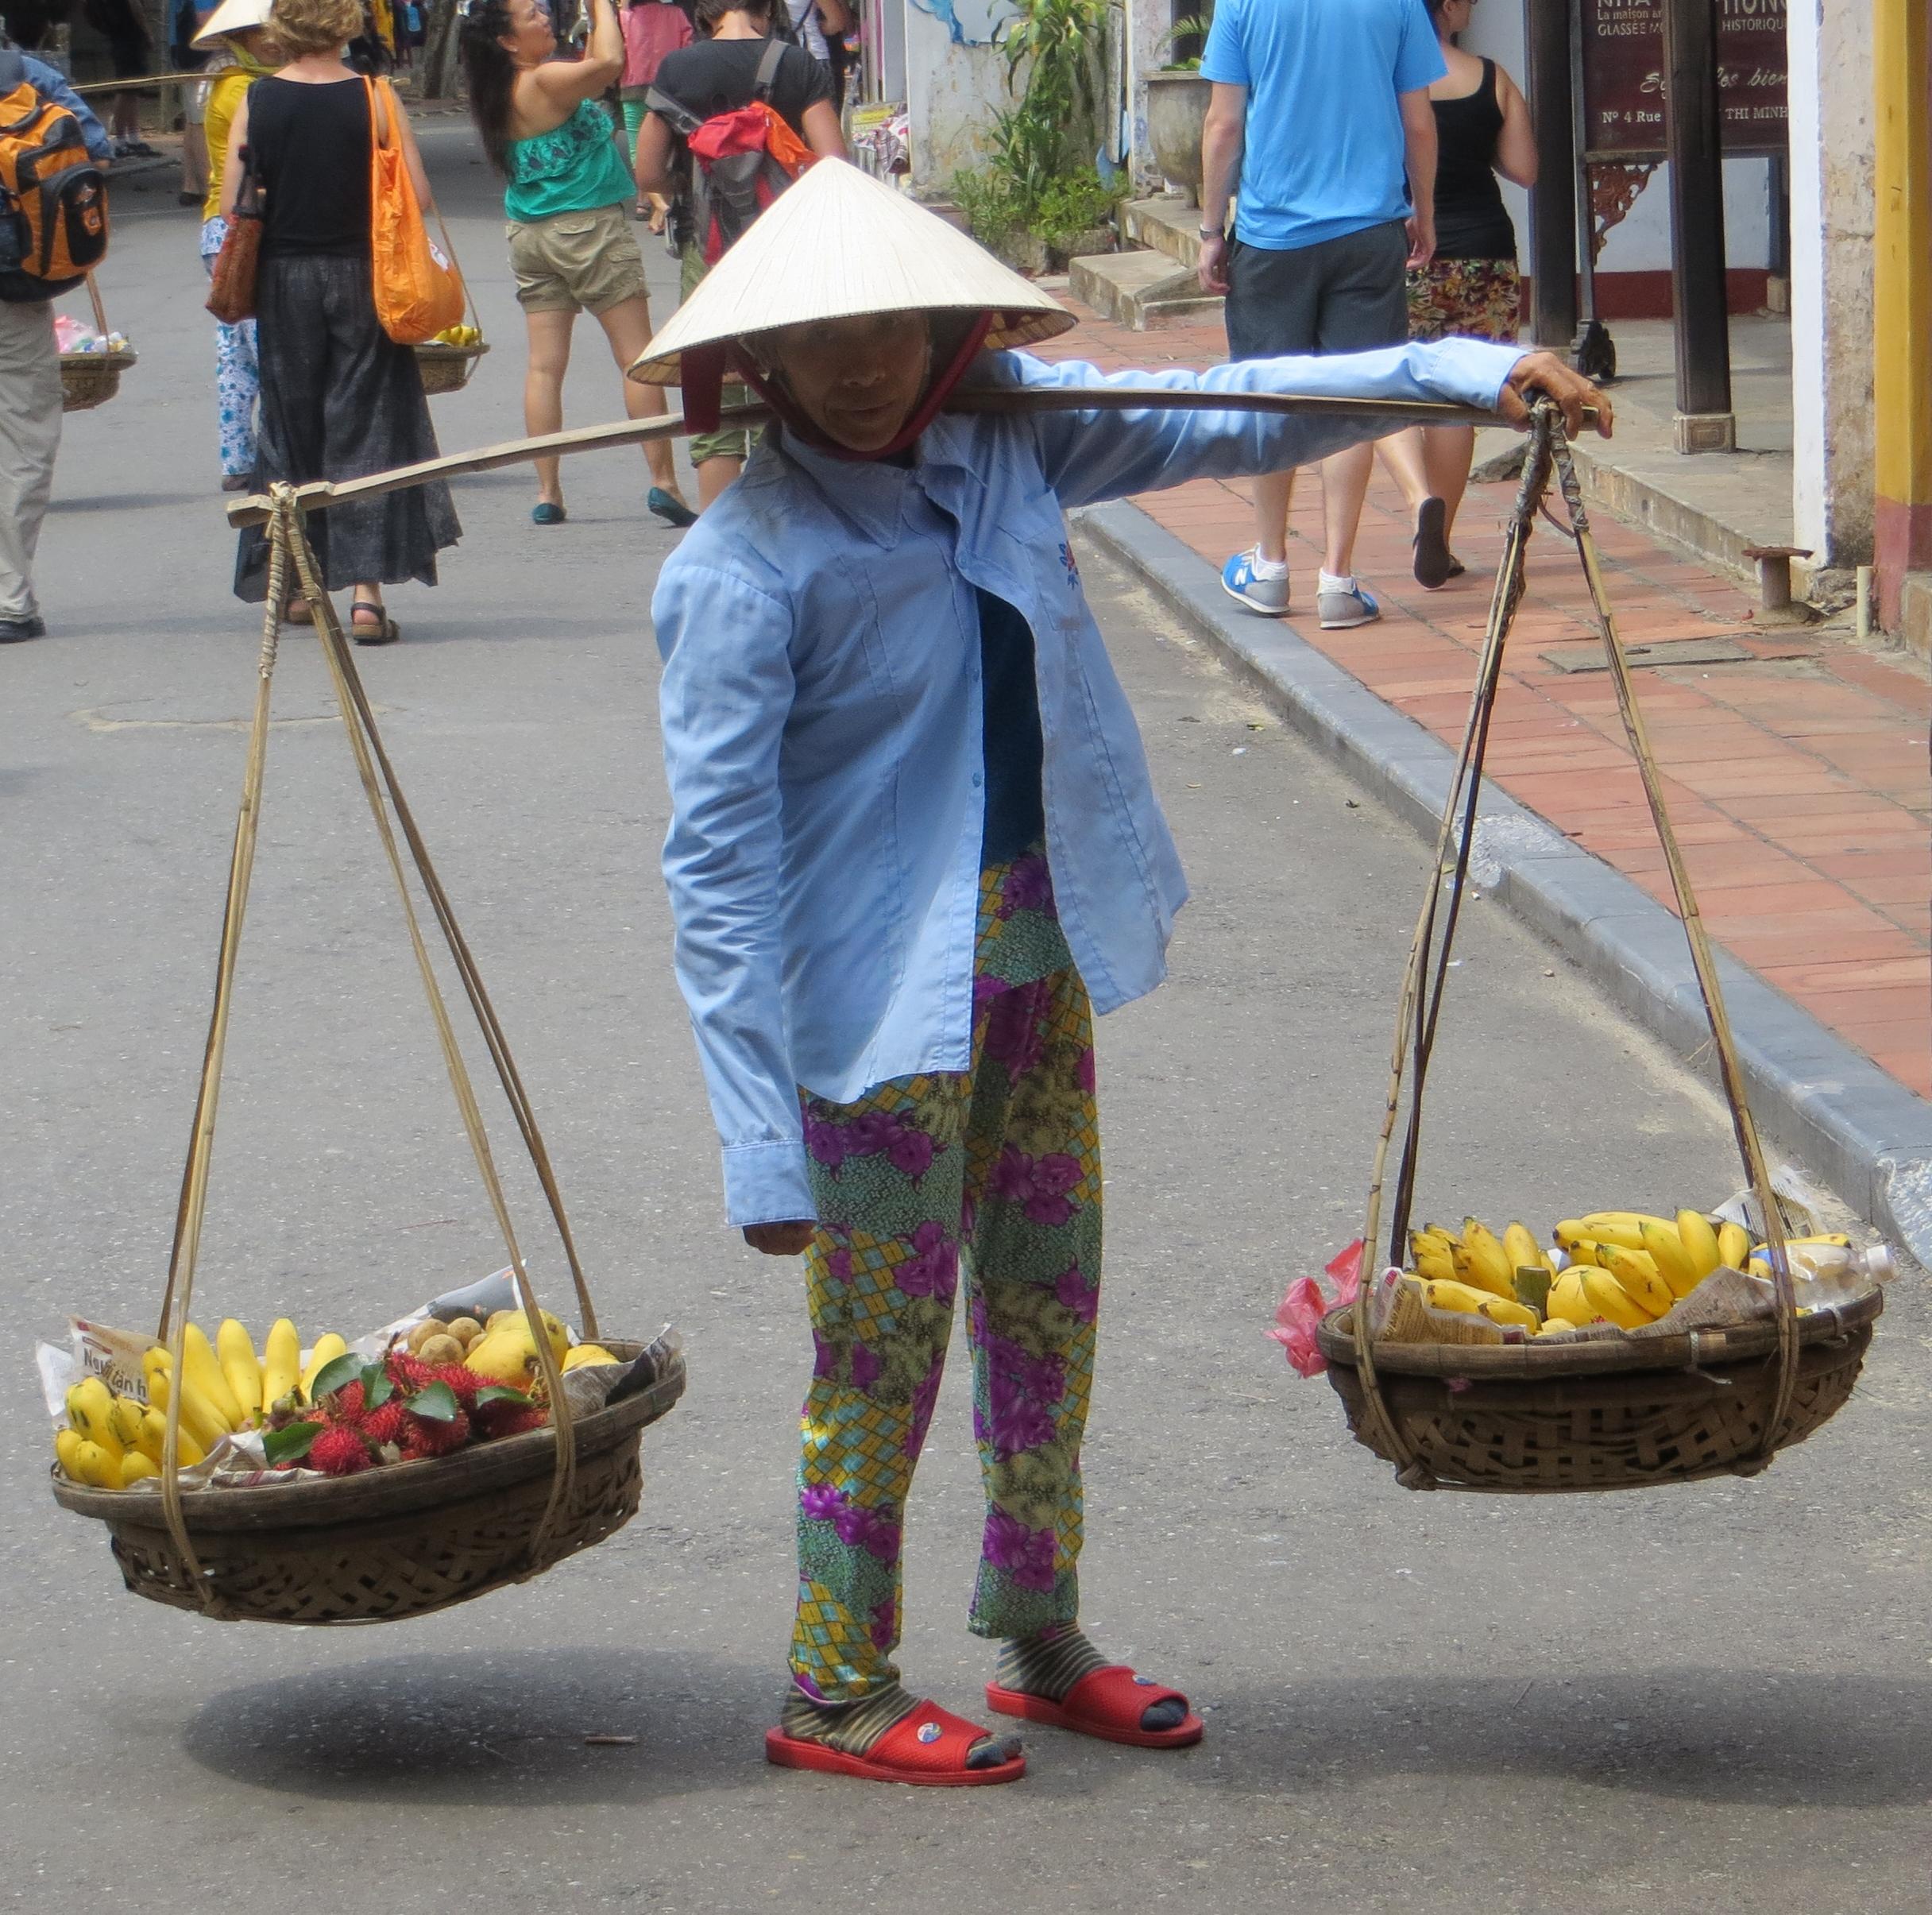 regione da nang - uomo con frutta